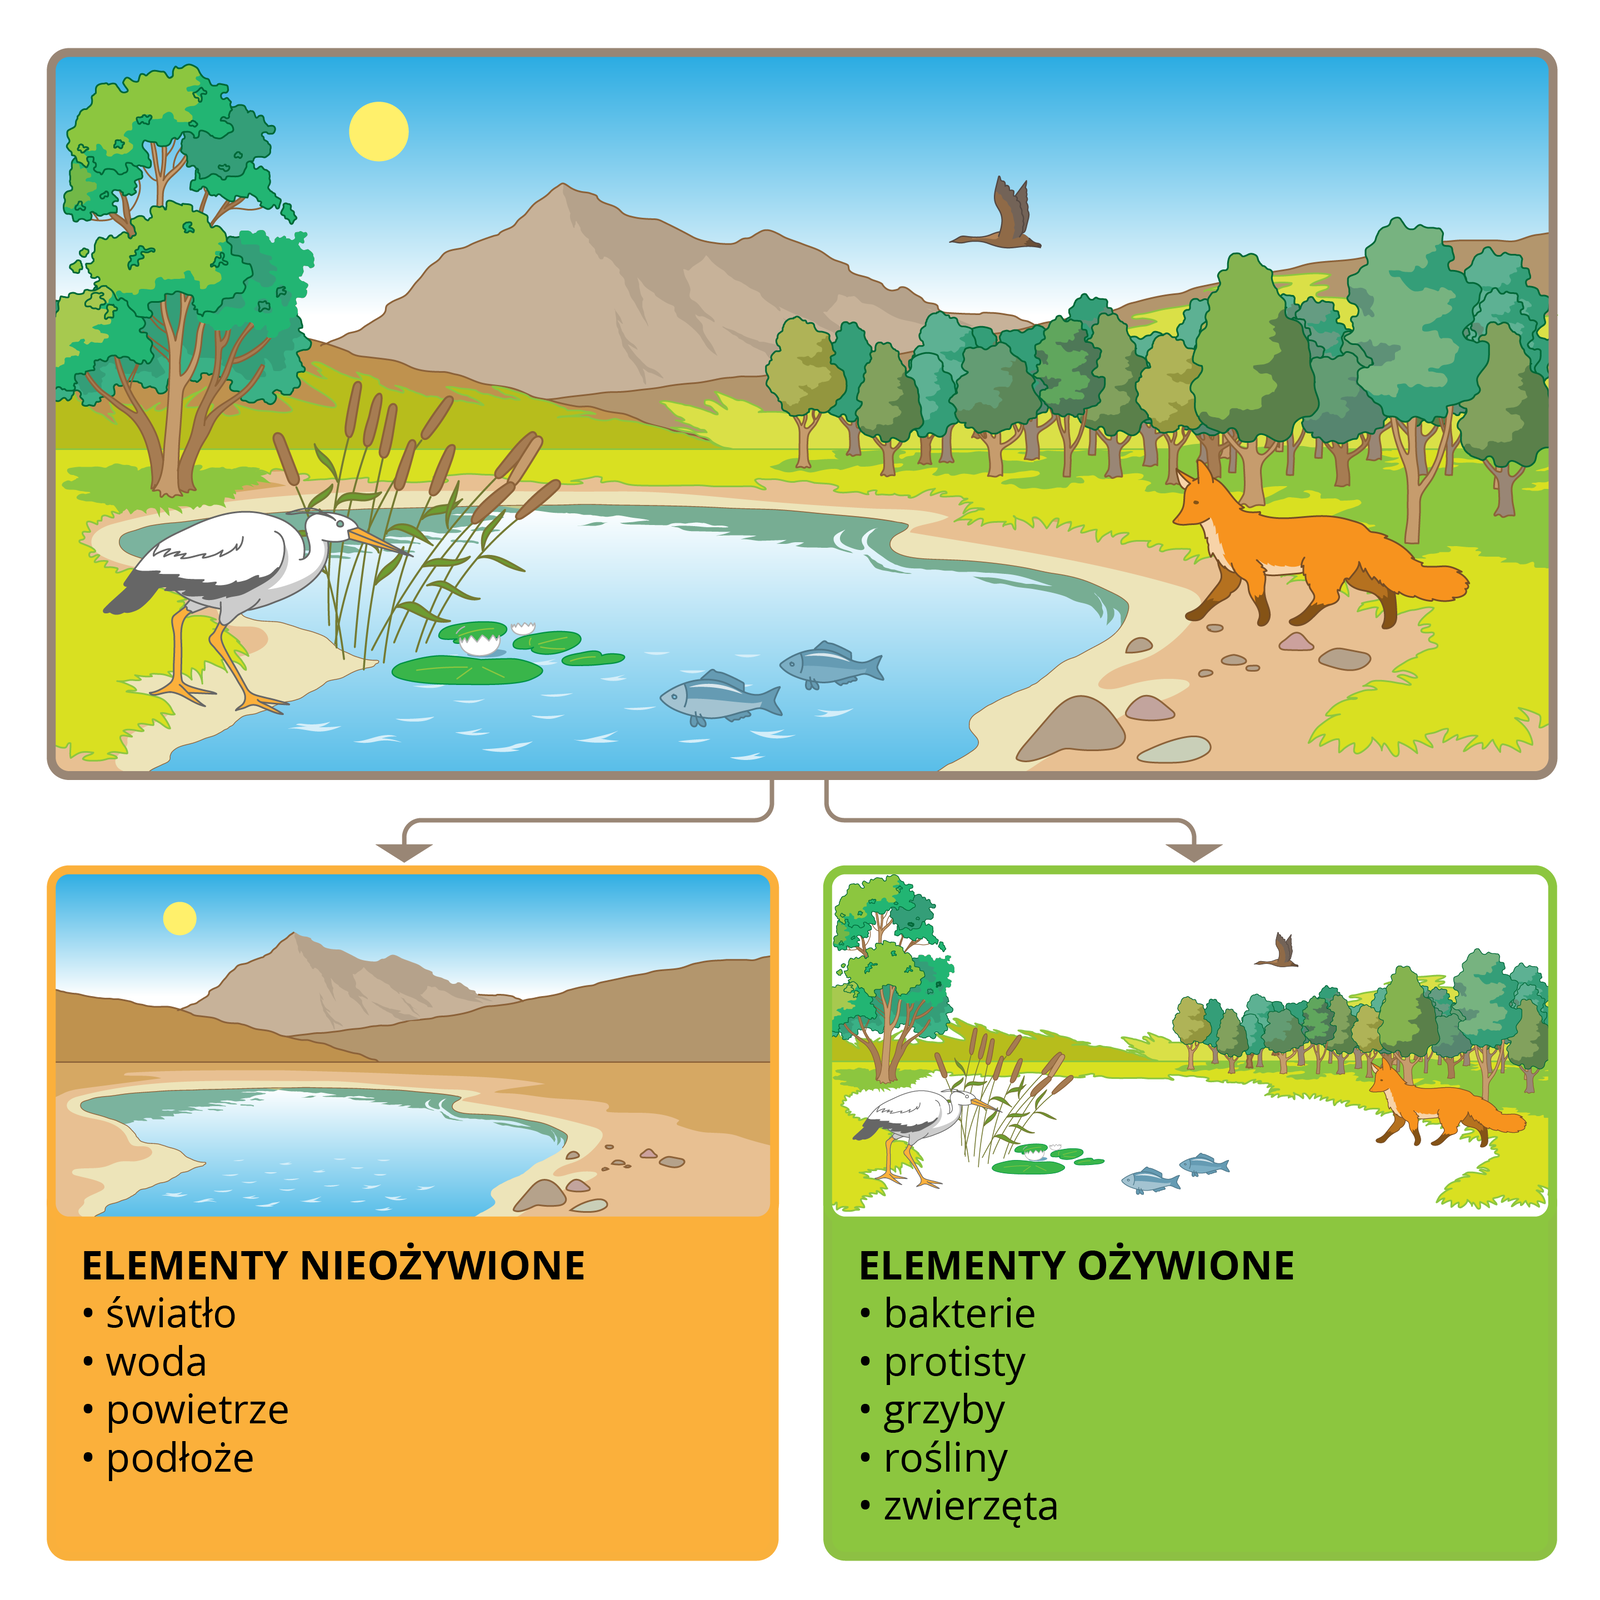 Ilustracja złozona z3 częśći. Górna przedstawia krajobraz wraz zekosystemem. Dolna po lewej tylko biotop: światło, woda, powietrze podłoże. Kolejna tylko biocenozę: bakterie, protisty, grzyby, rośliny, zwierzęta.